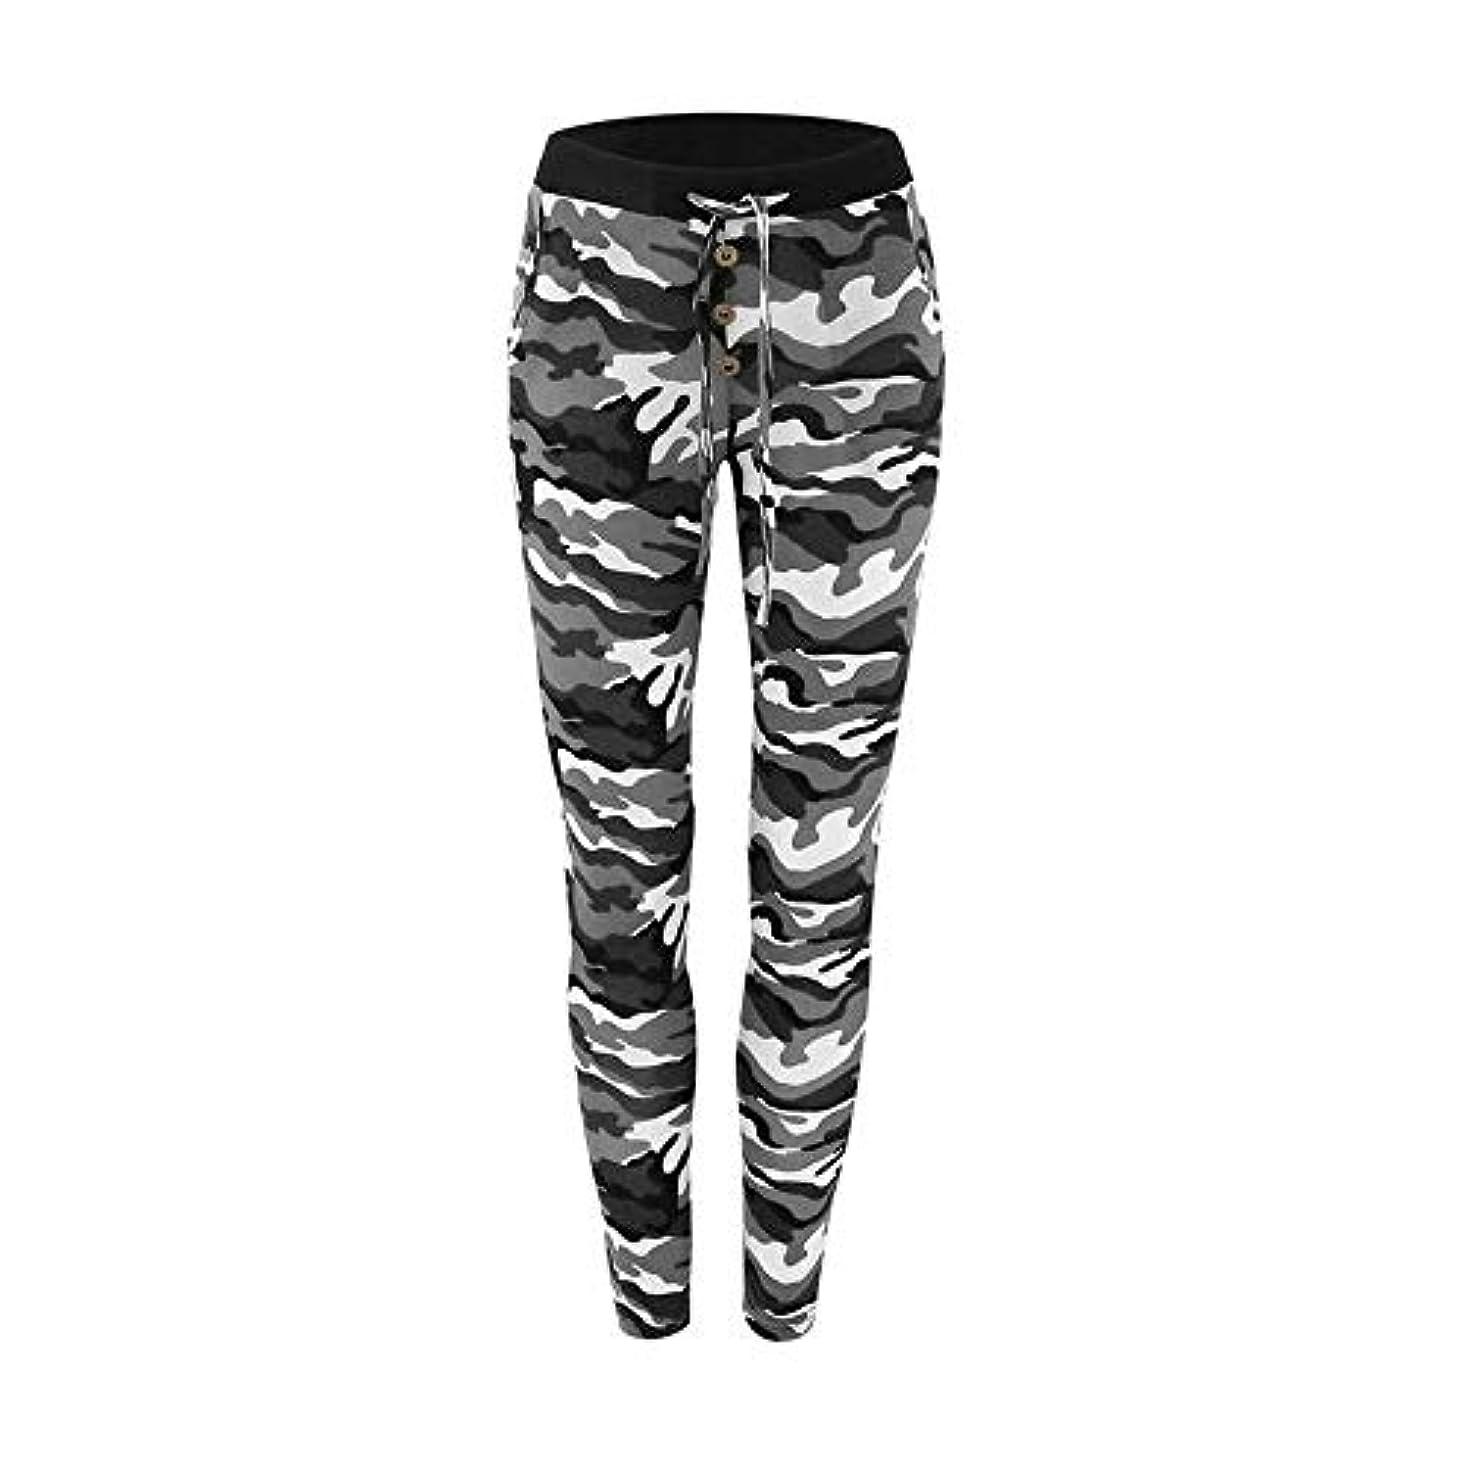 成功するエーカー水銀のMIFAN 迷彩レギンス、スキニーパンツ、ヨガパンツ、スリムフィット、ズボン、レギンス、迷彩パンツ